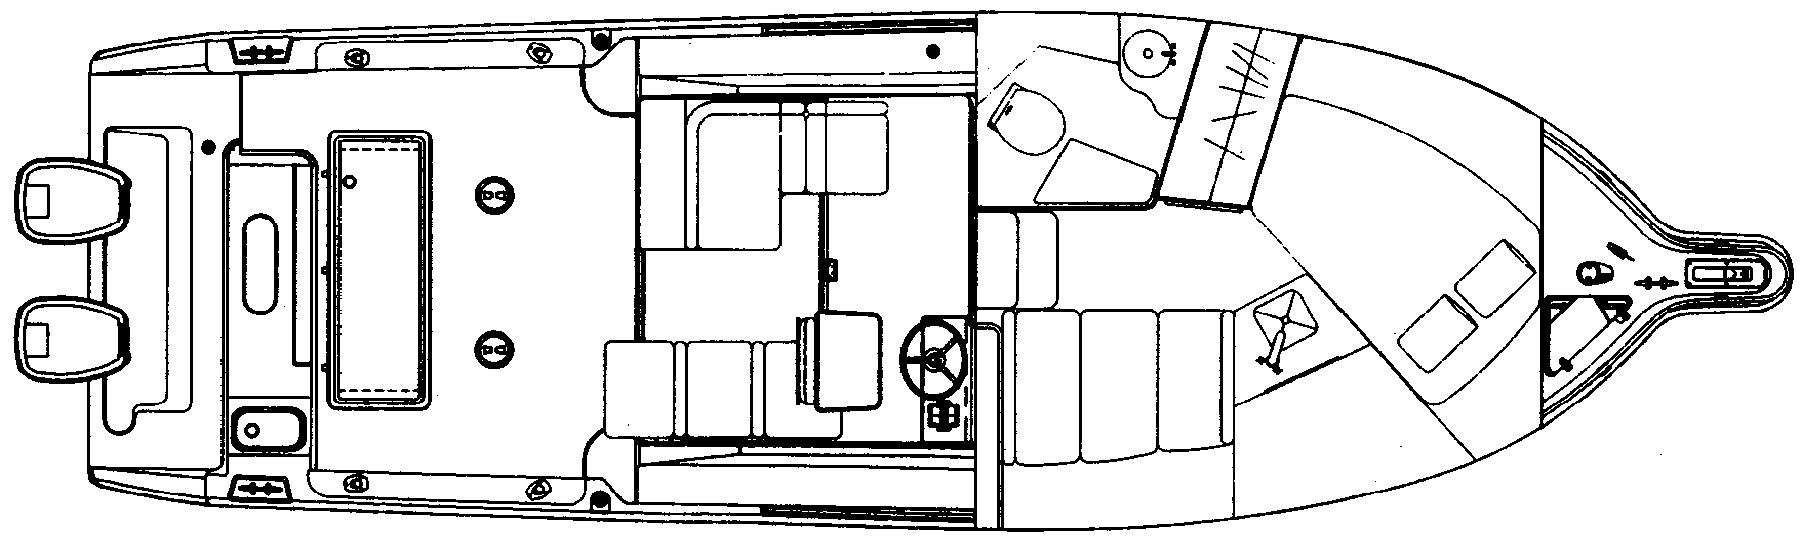 3070 Offshore Express Floor Plan 1